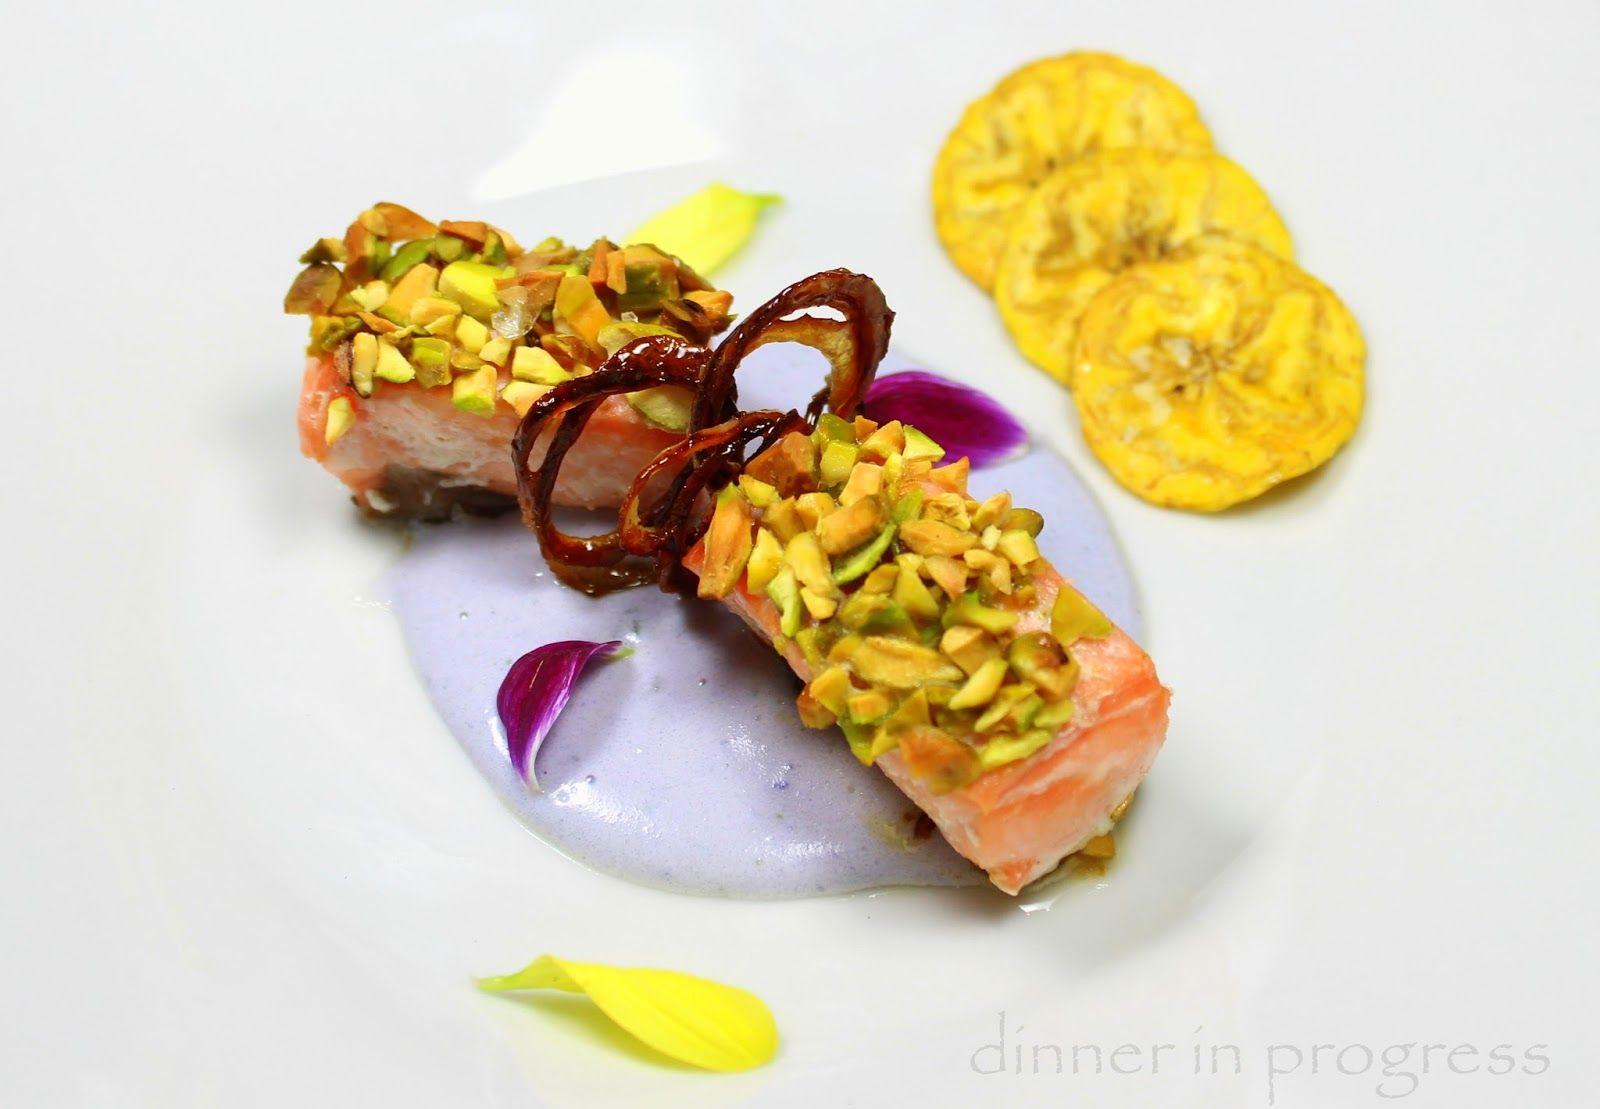 Menù 1° anniversario Dinner in progress: secondo e contorno – Filetto di salmone in crosta di pistacchi con scalogno caramellato su crema di patate viola con chips di platano | Dinner in Progress